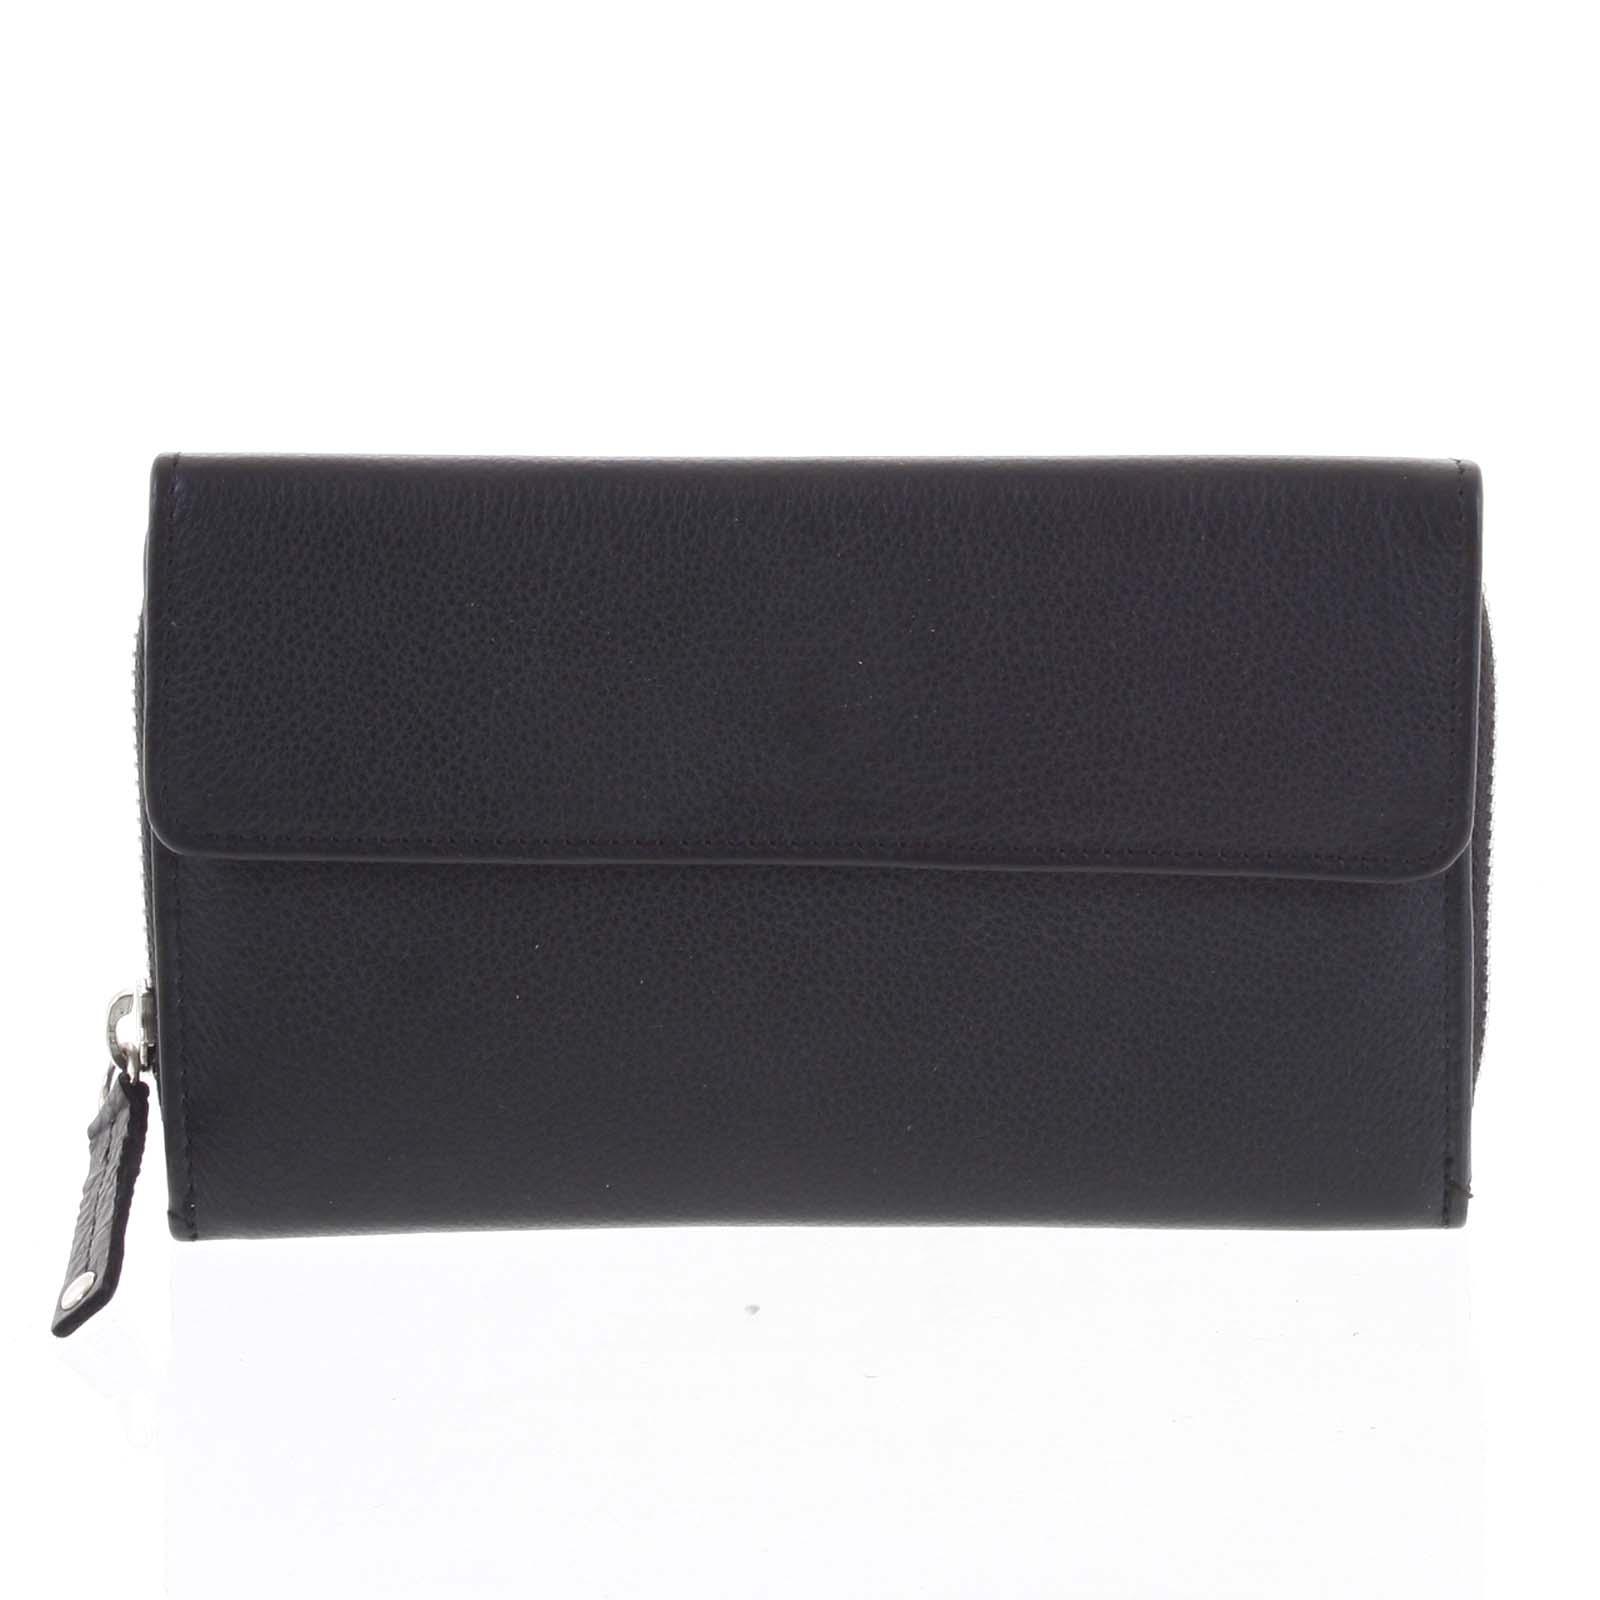 Dámska kožená peňaženka čierna - Tomas Menmaiya čierna